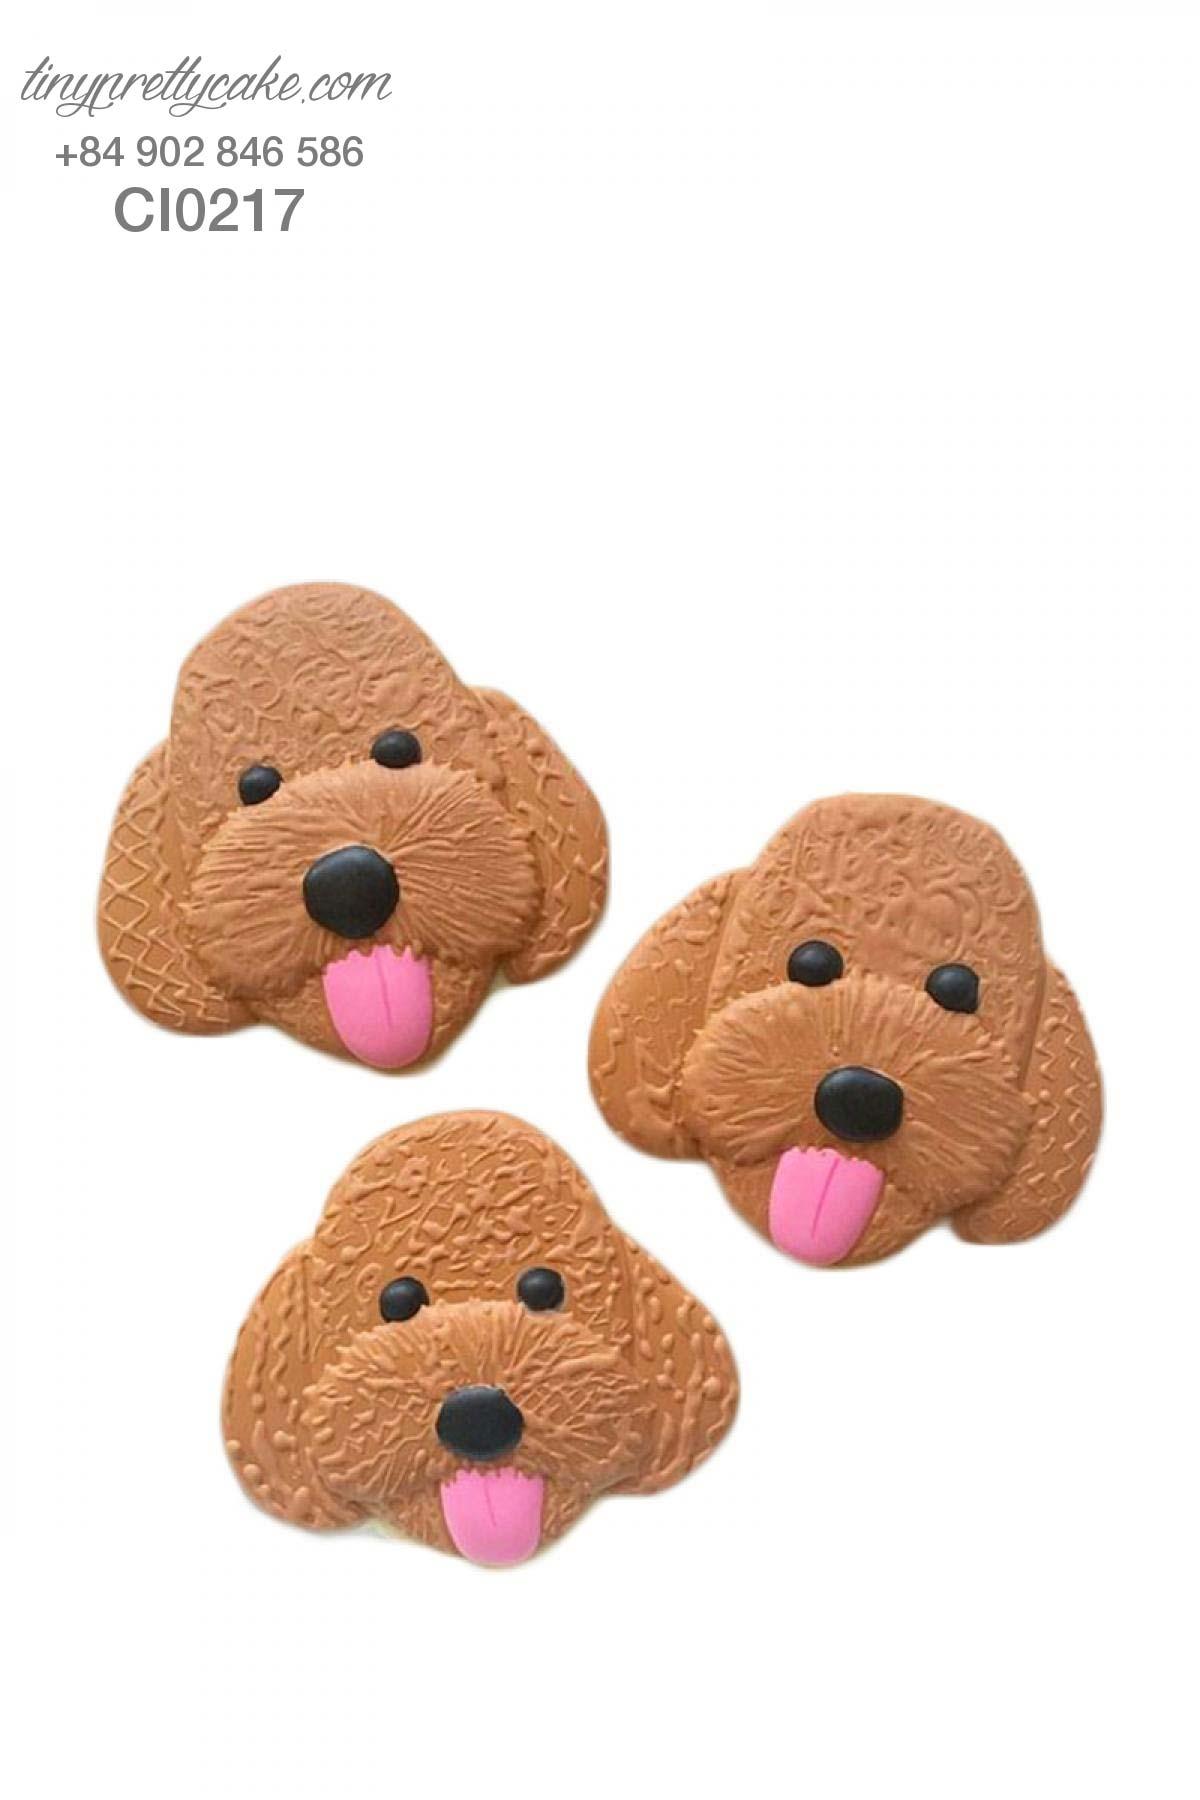 bánh cookie cún con màu nâu